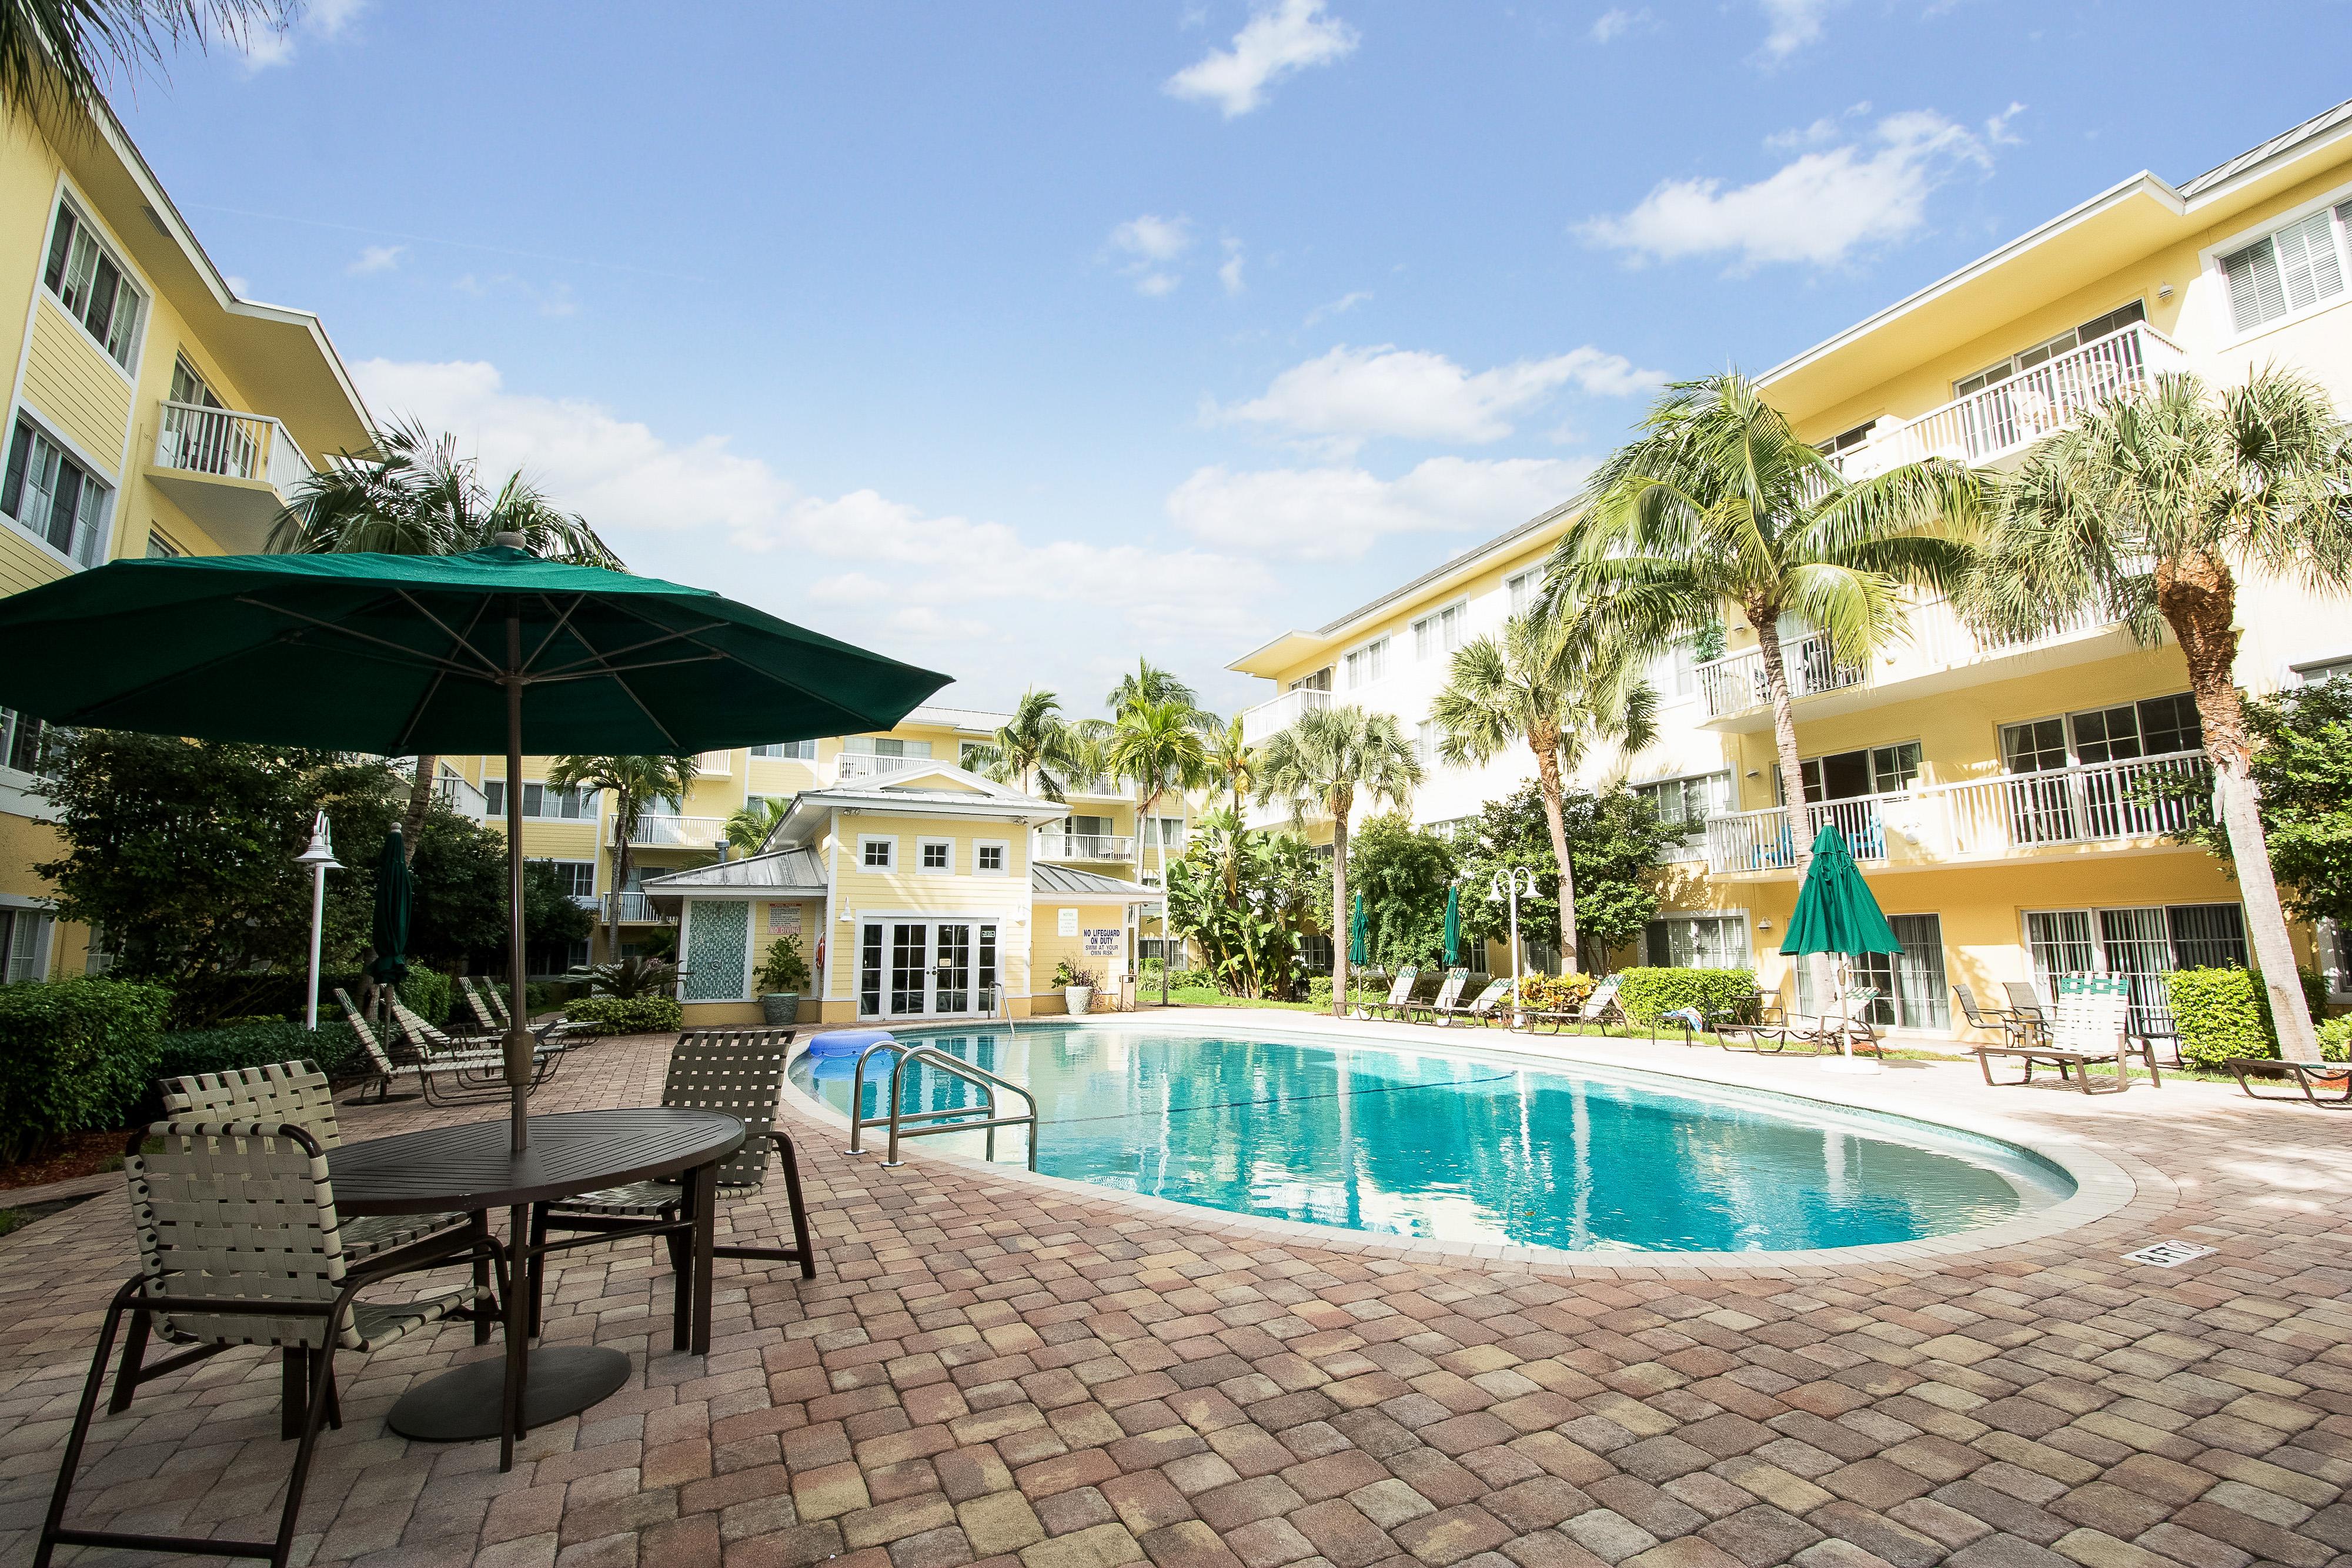 Appartement pour l Vente à 1515 E Broward Blvd #201 1515 E Broward Blvd 201 Fort Lauderdale, Florida, 33301 États-Unis